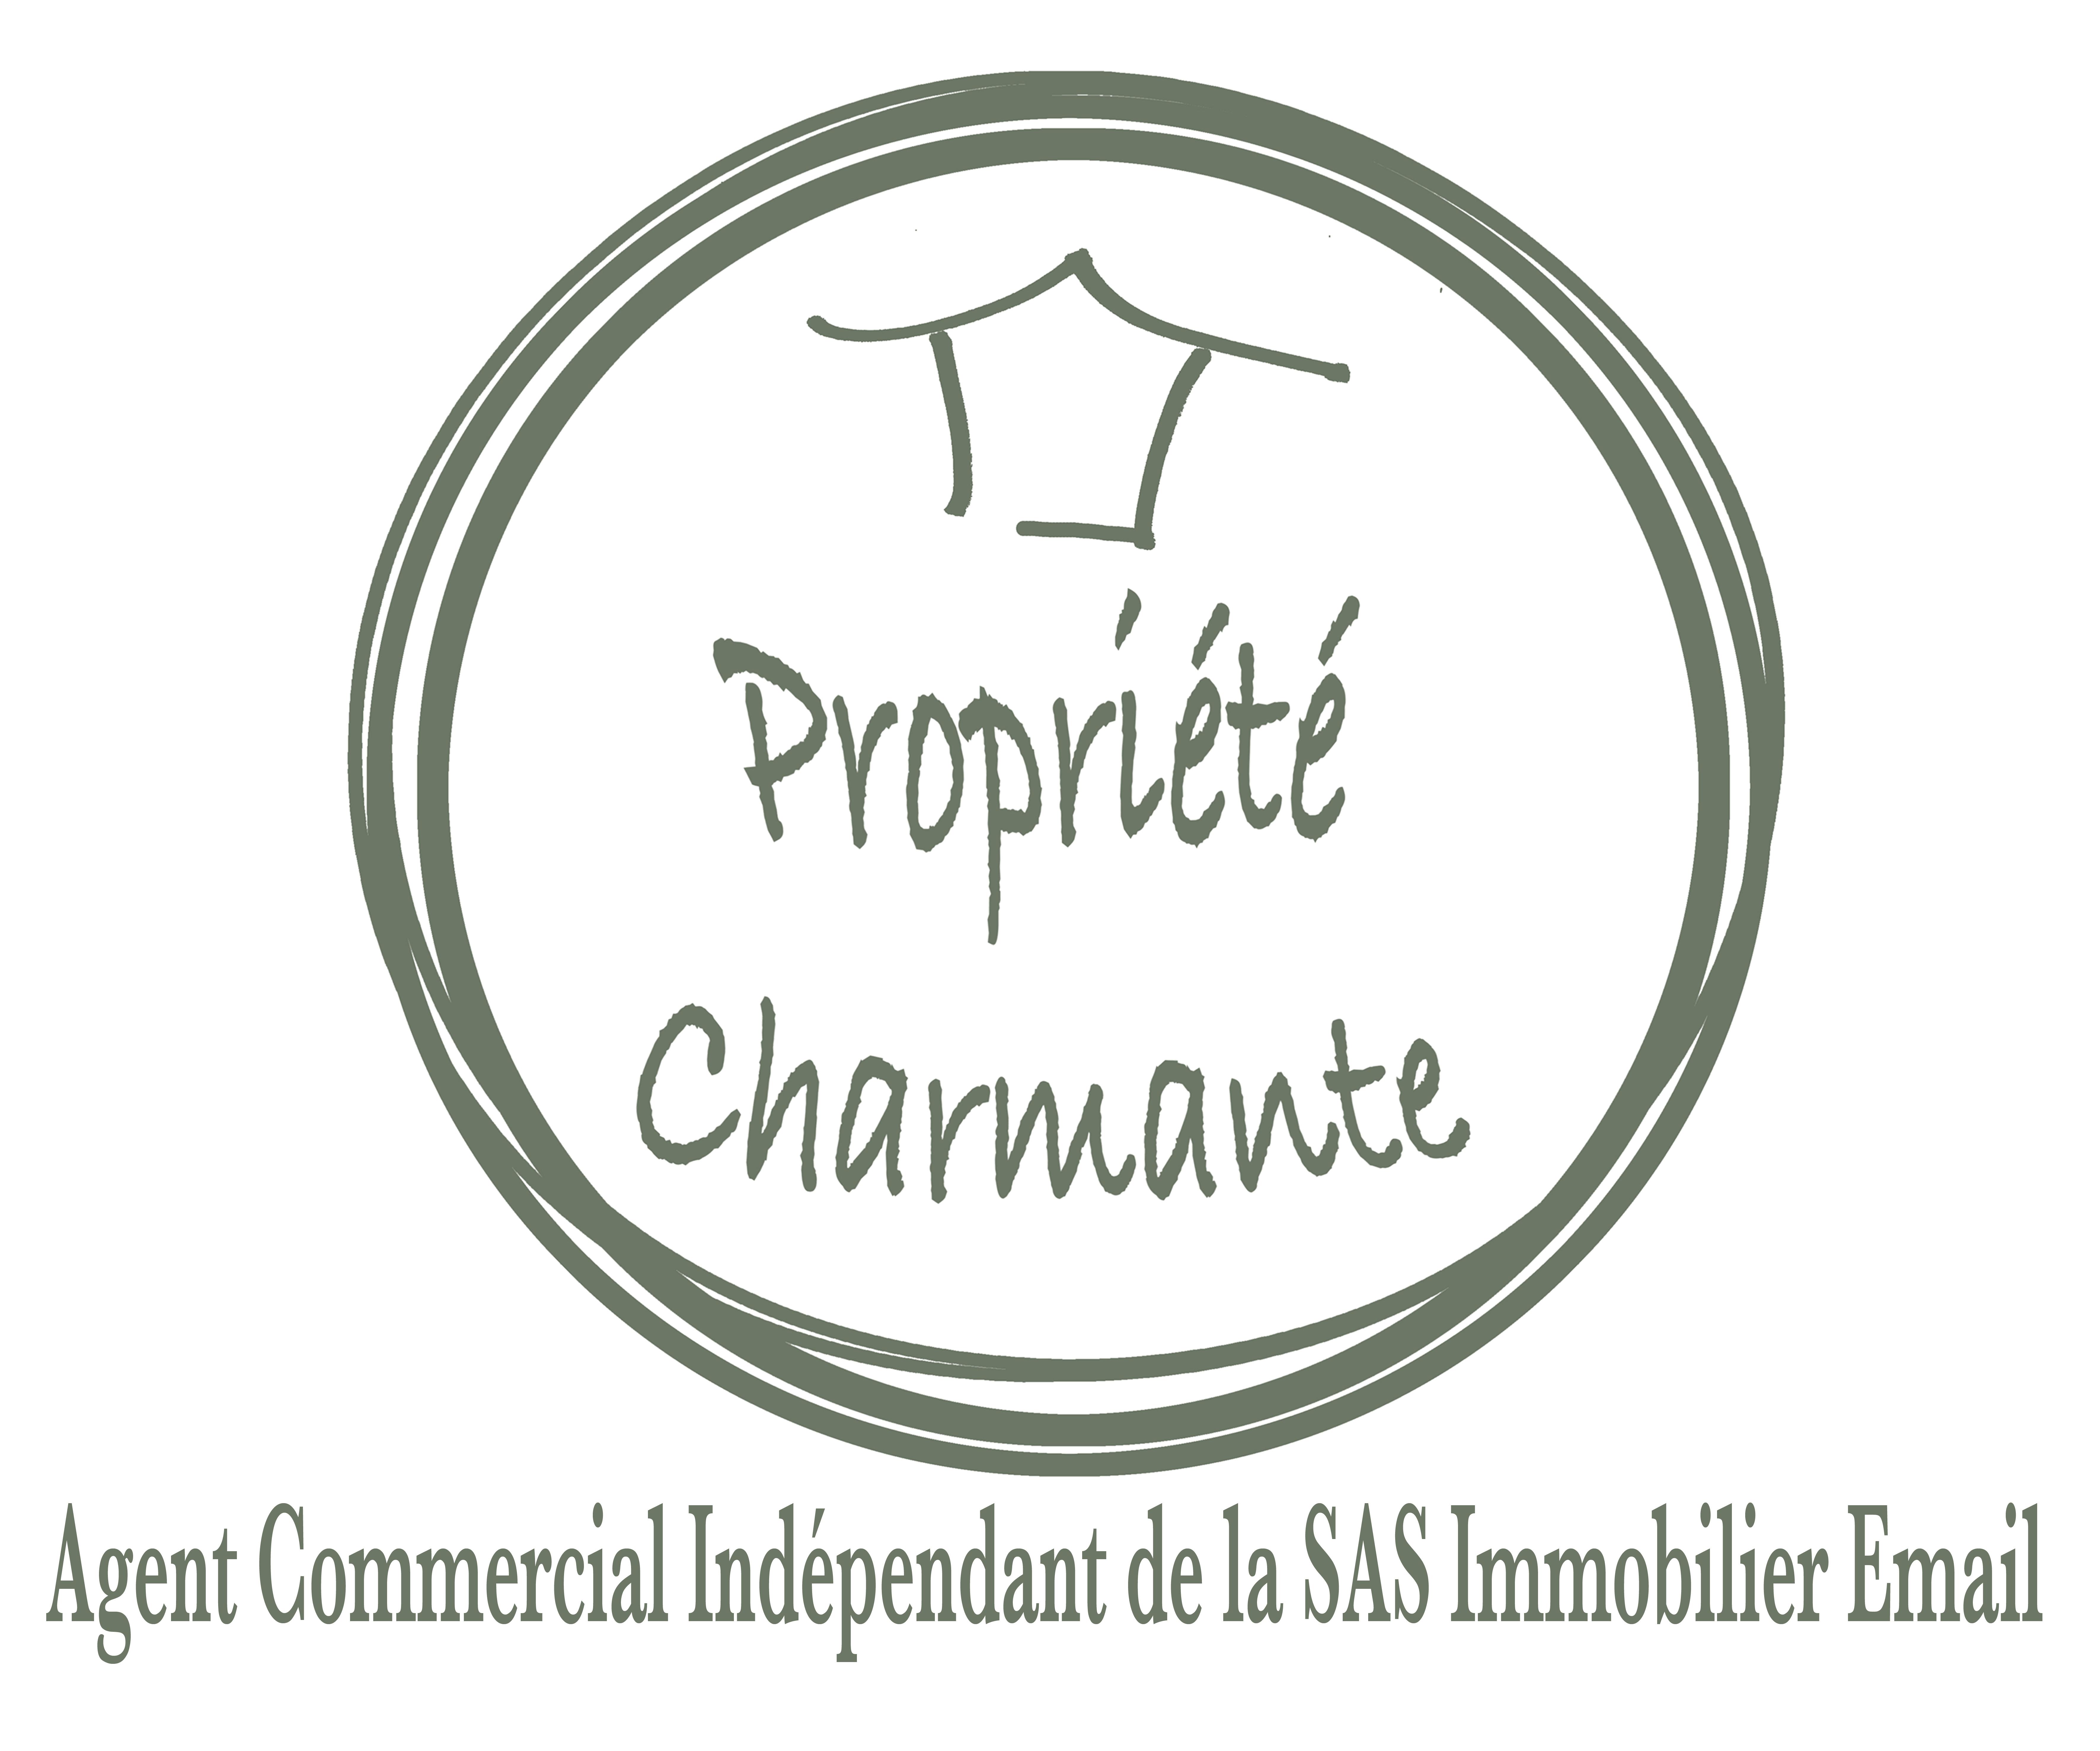 Bénédicte Pinaud, agent commercial indépendant sous l'enseigne : Propriété Charmante